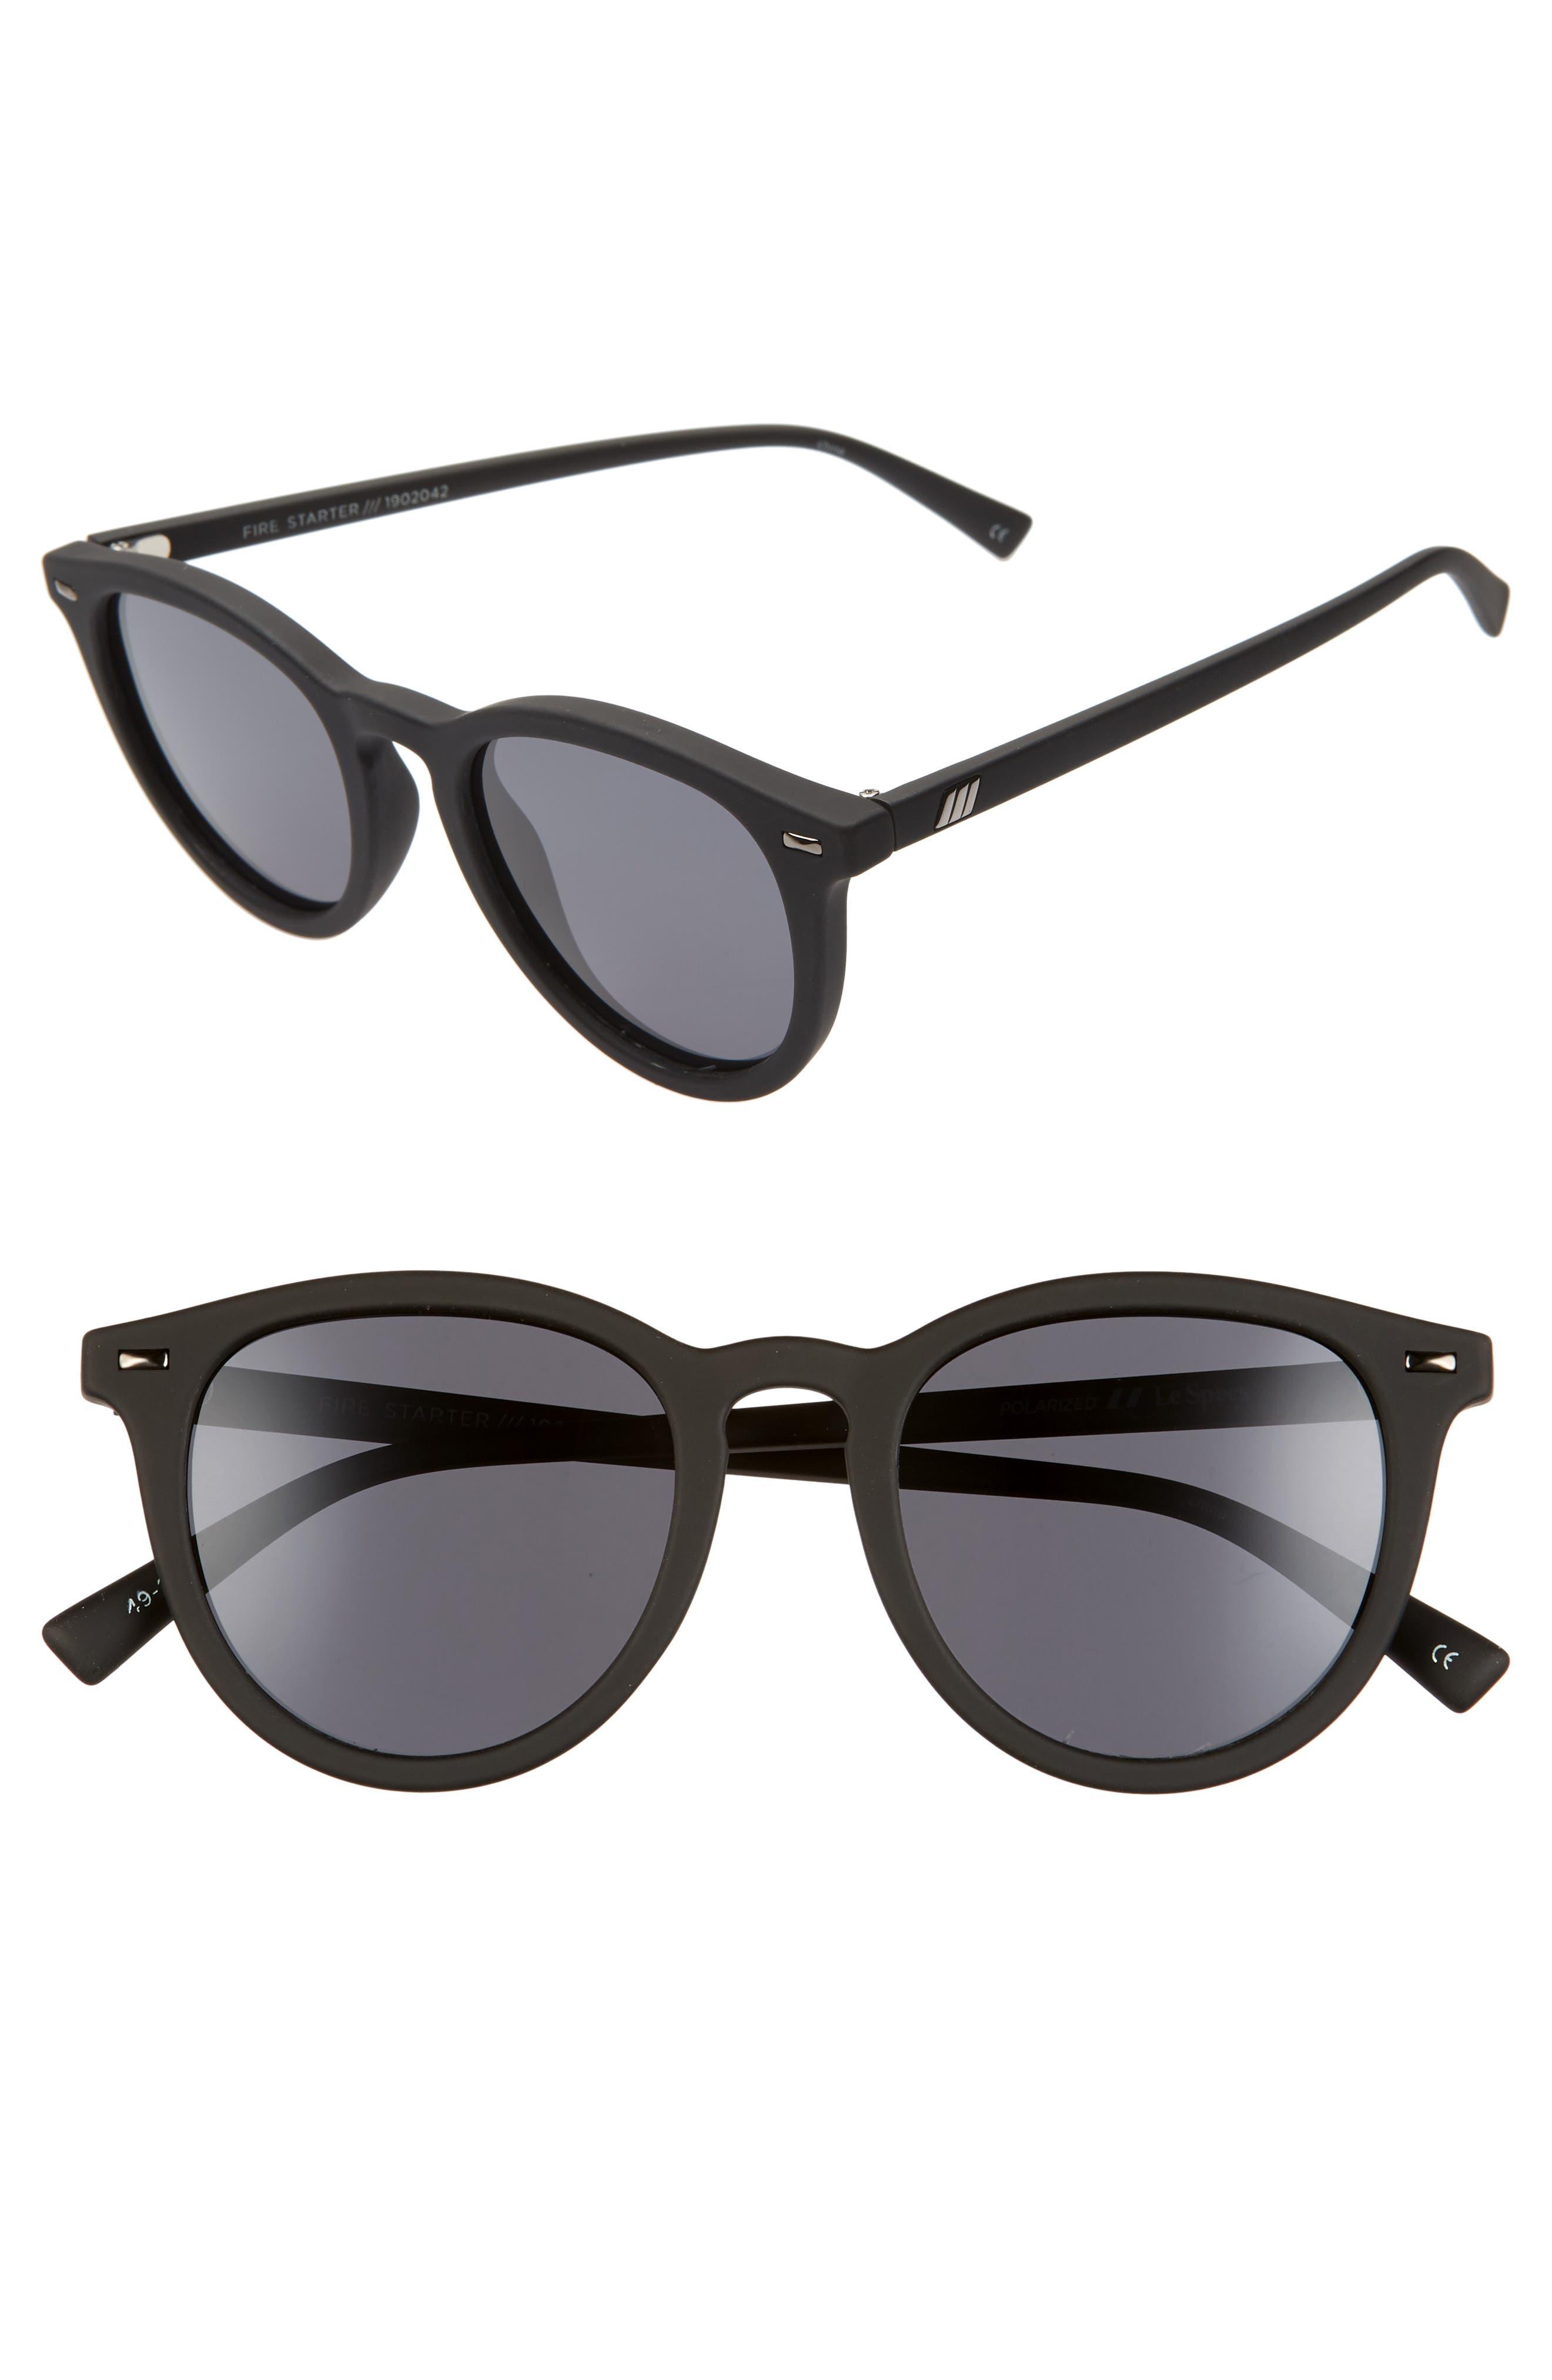 Le Specs Fire Starter 4m Polarized Round Sunglasses - Black Rubber